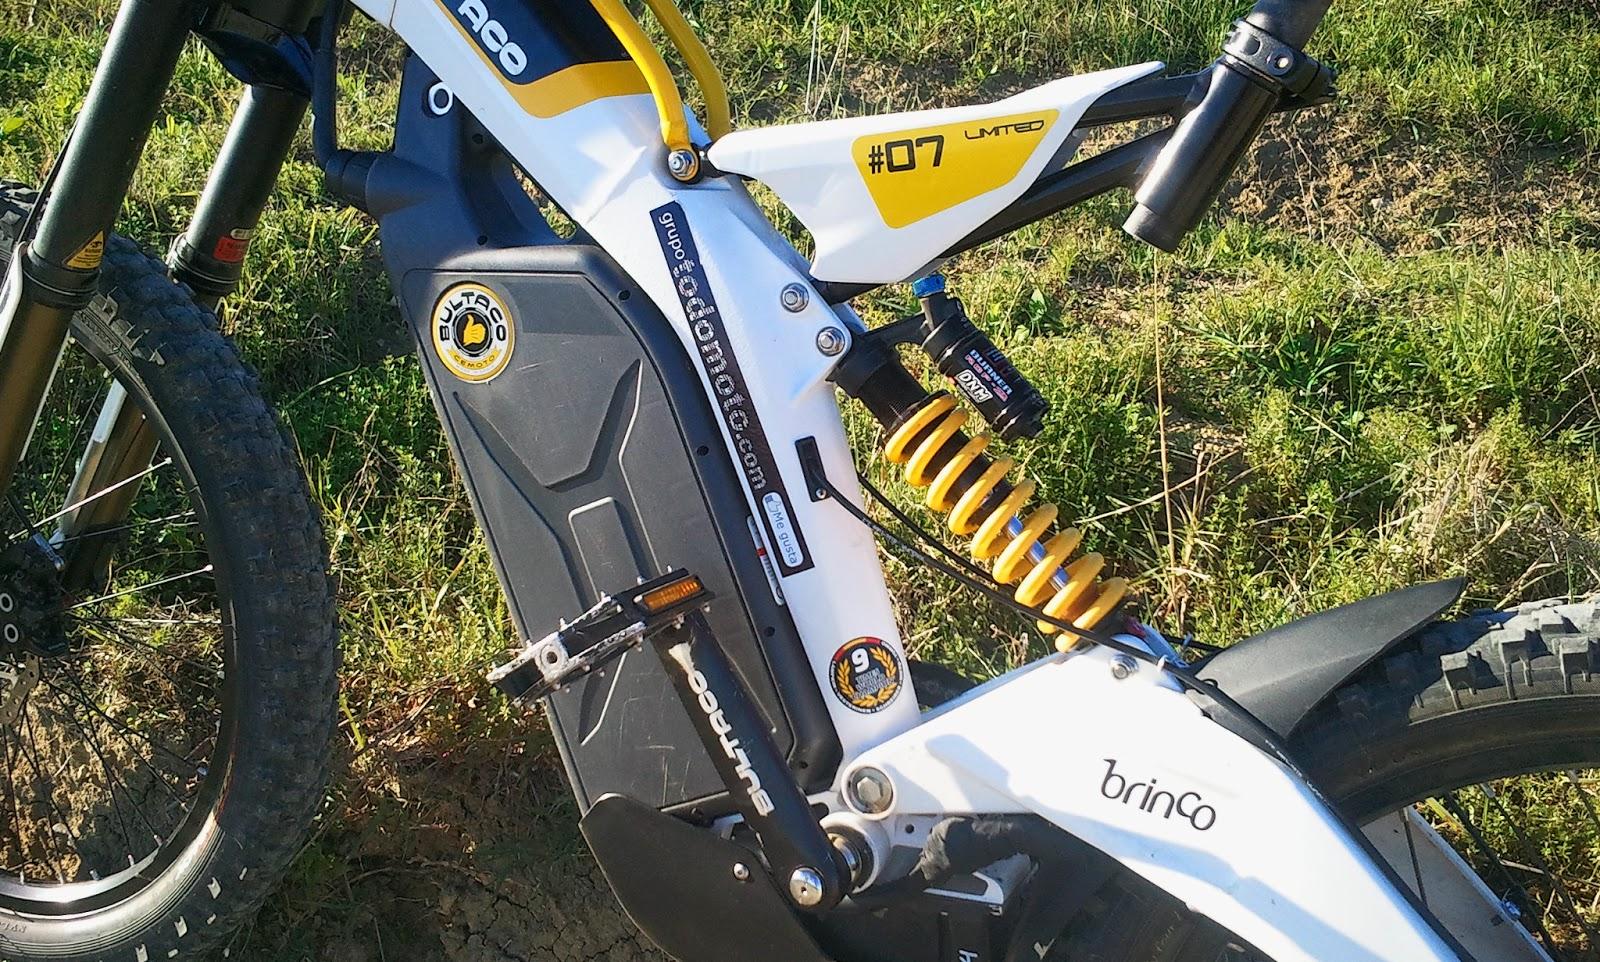 en la bultaco brinco la parte motriz elctrica est separada de la parte motriz de bicicleta esto que quiere decir